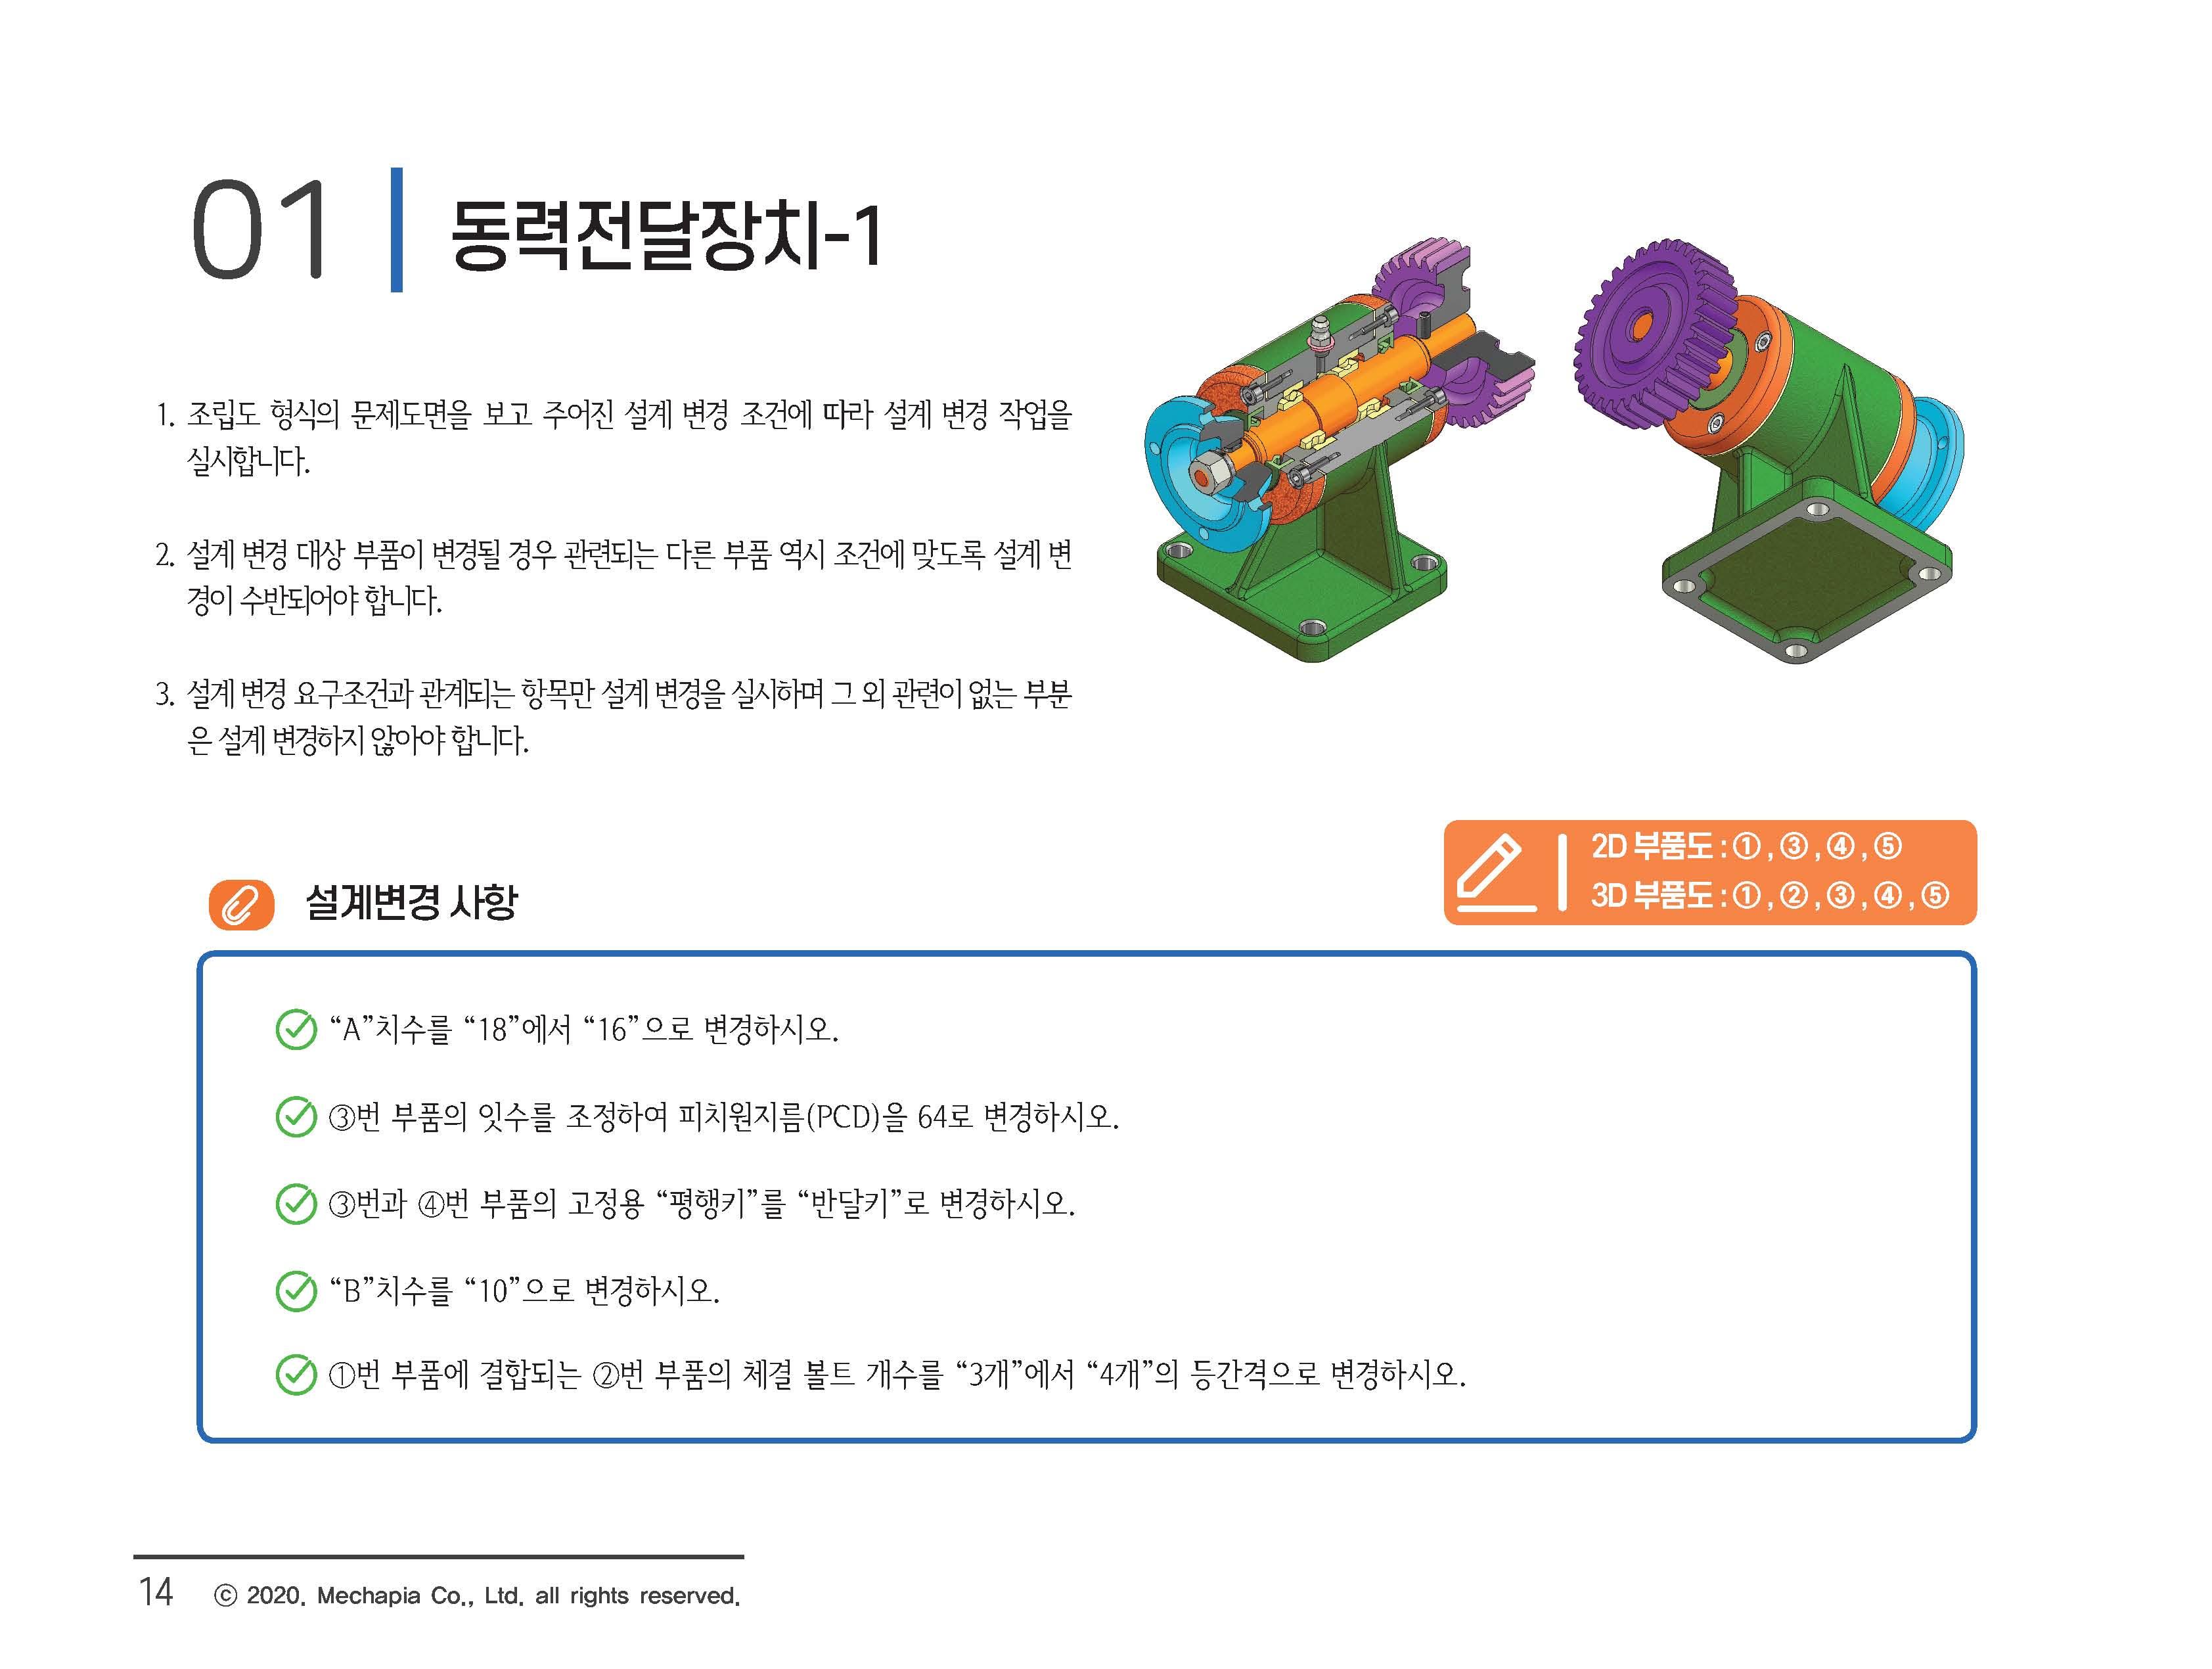 6. 미리보기 1.jpg